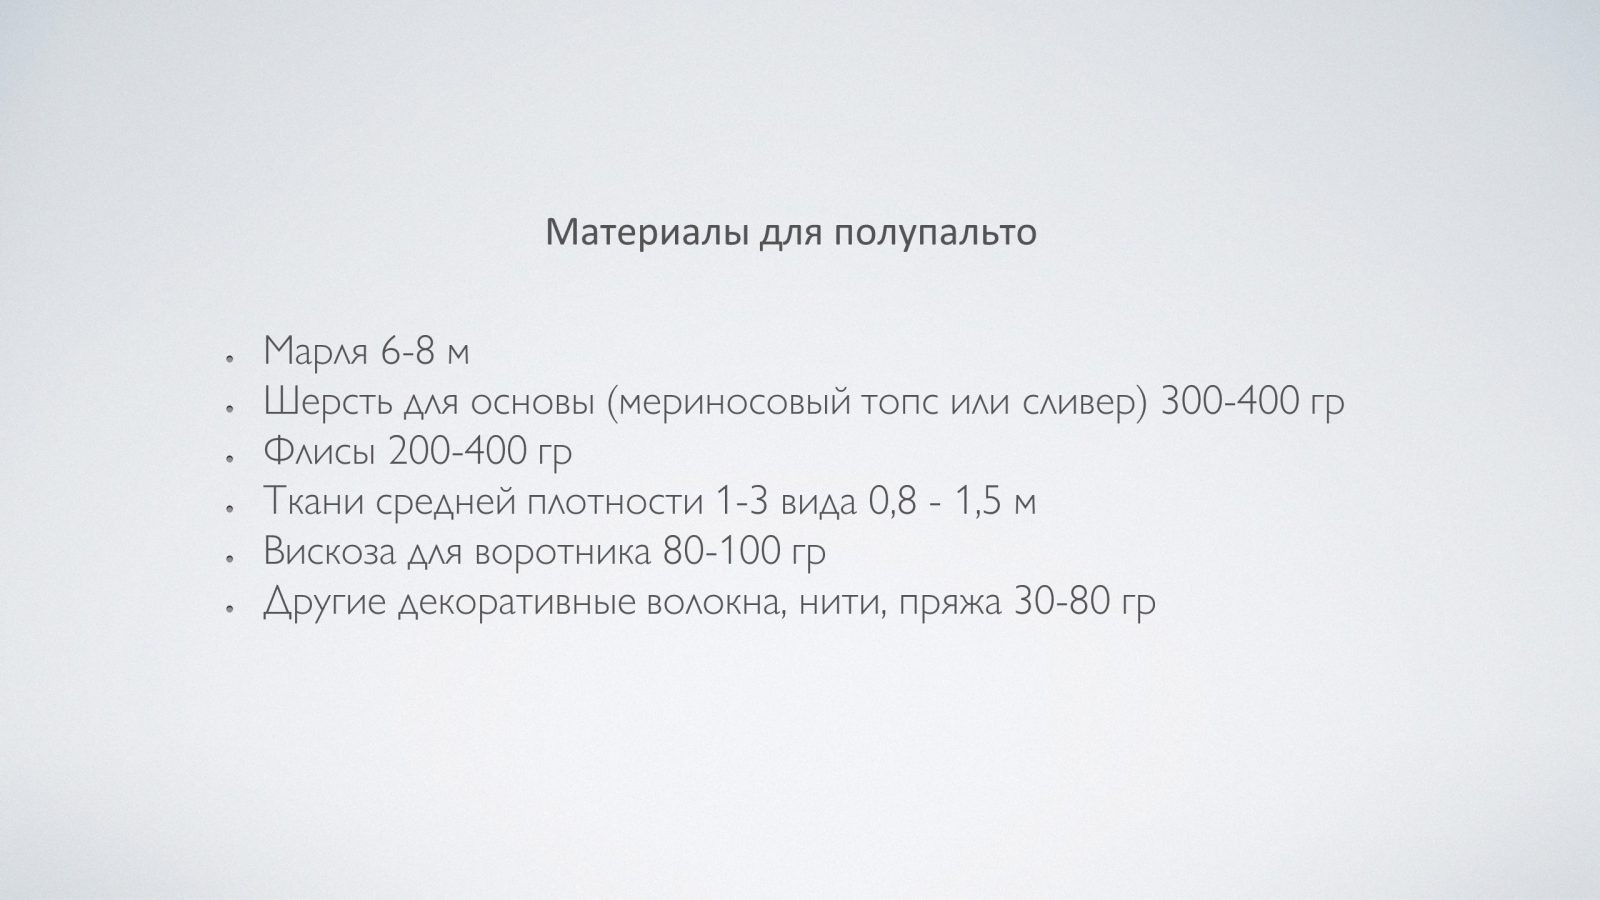 К.Коршун «Фактурное полупальто»